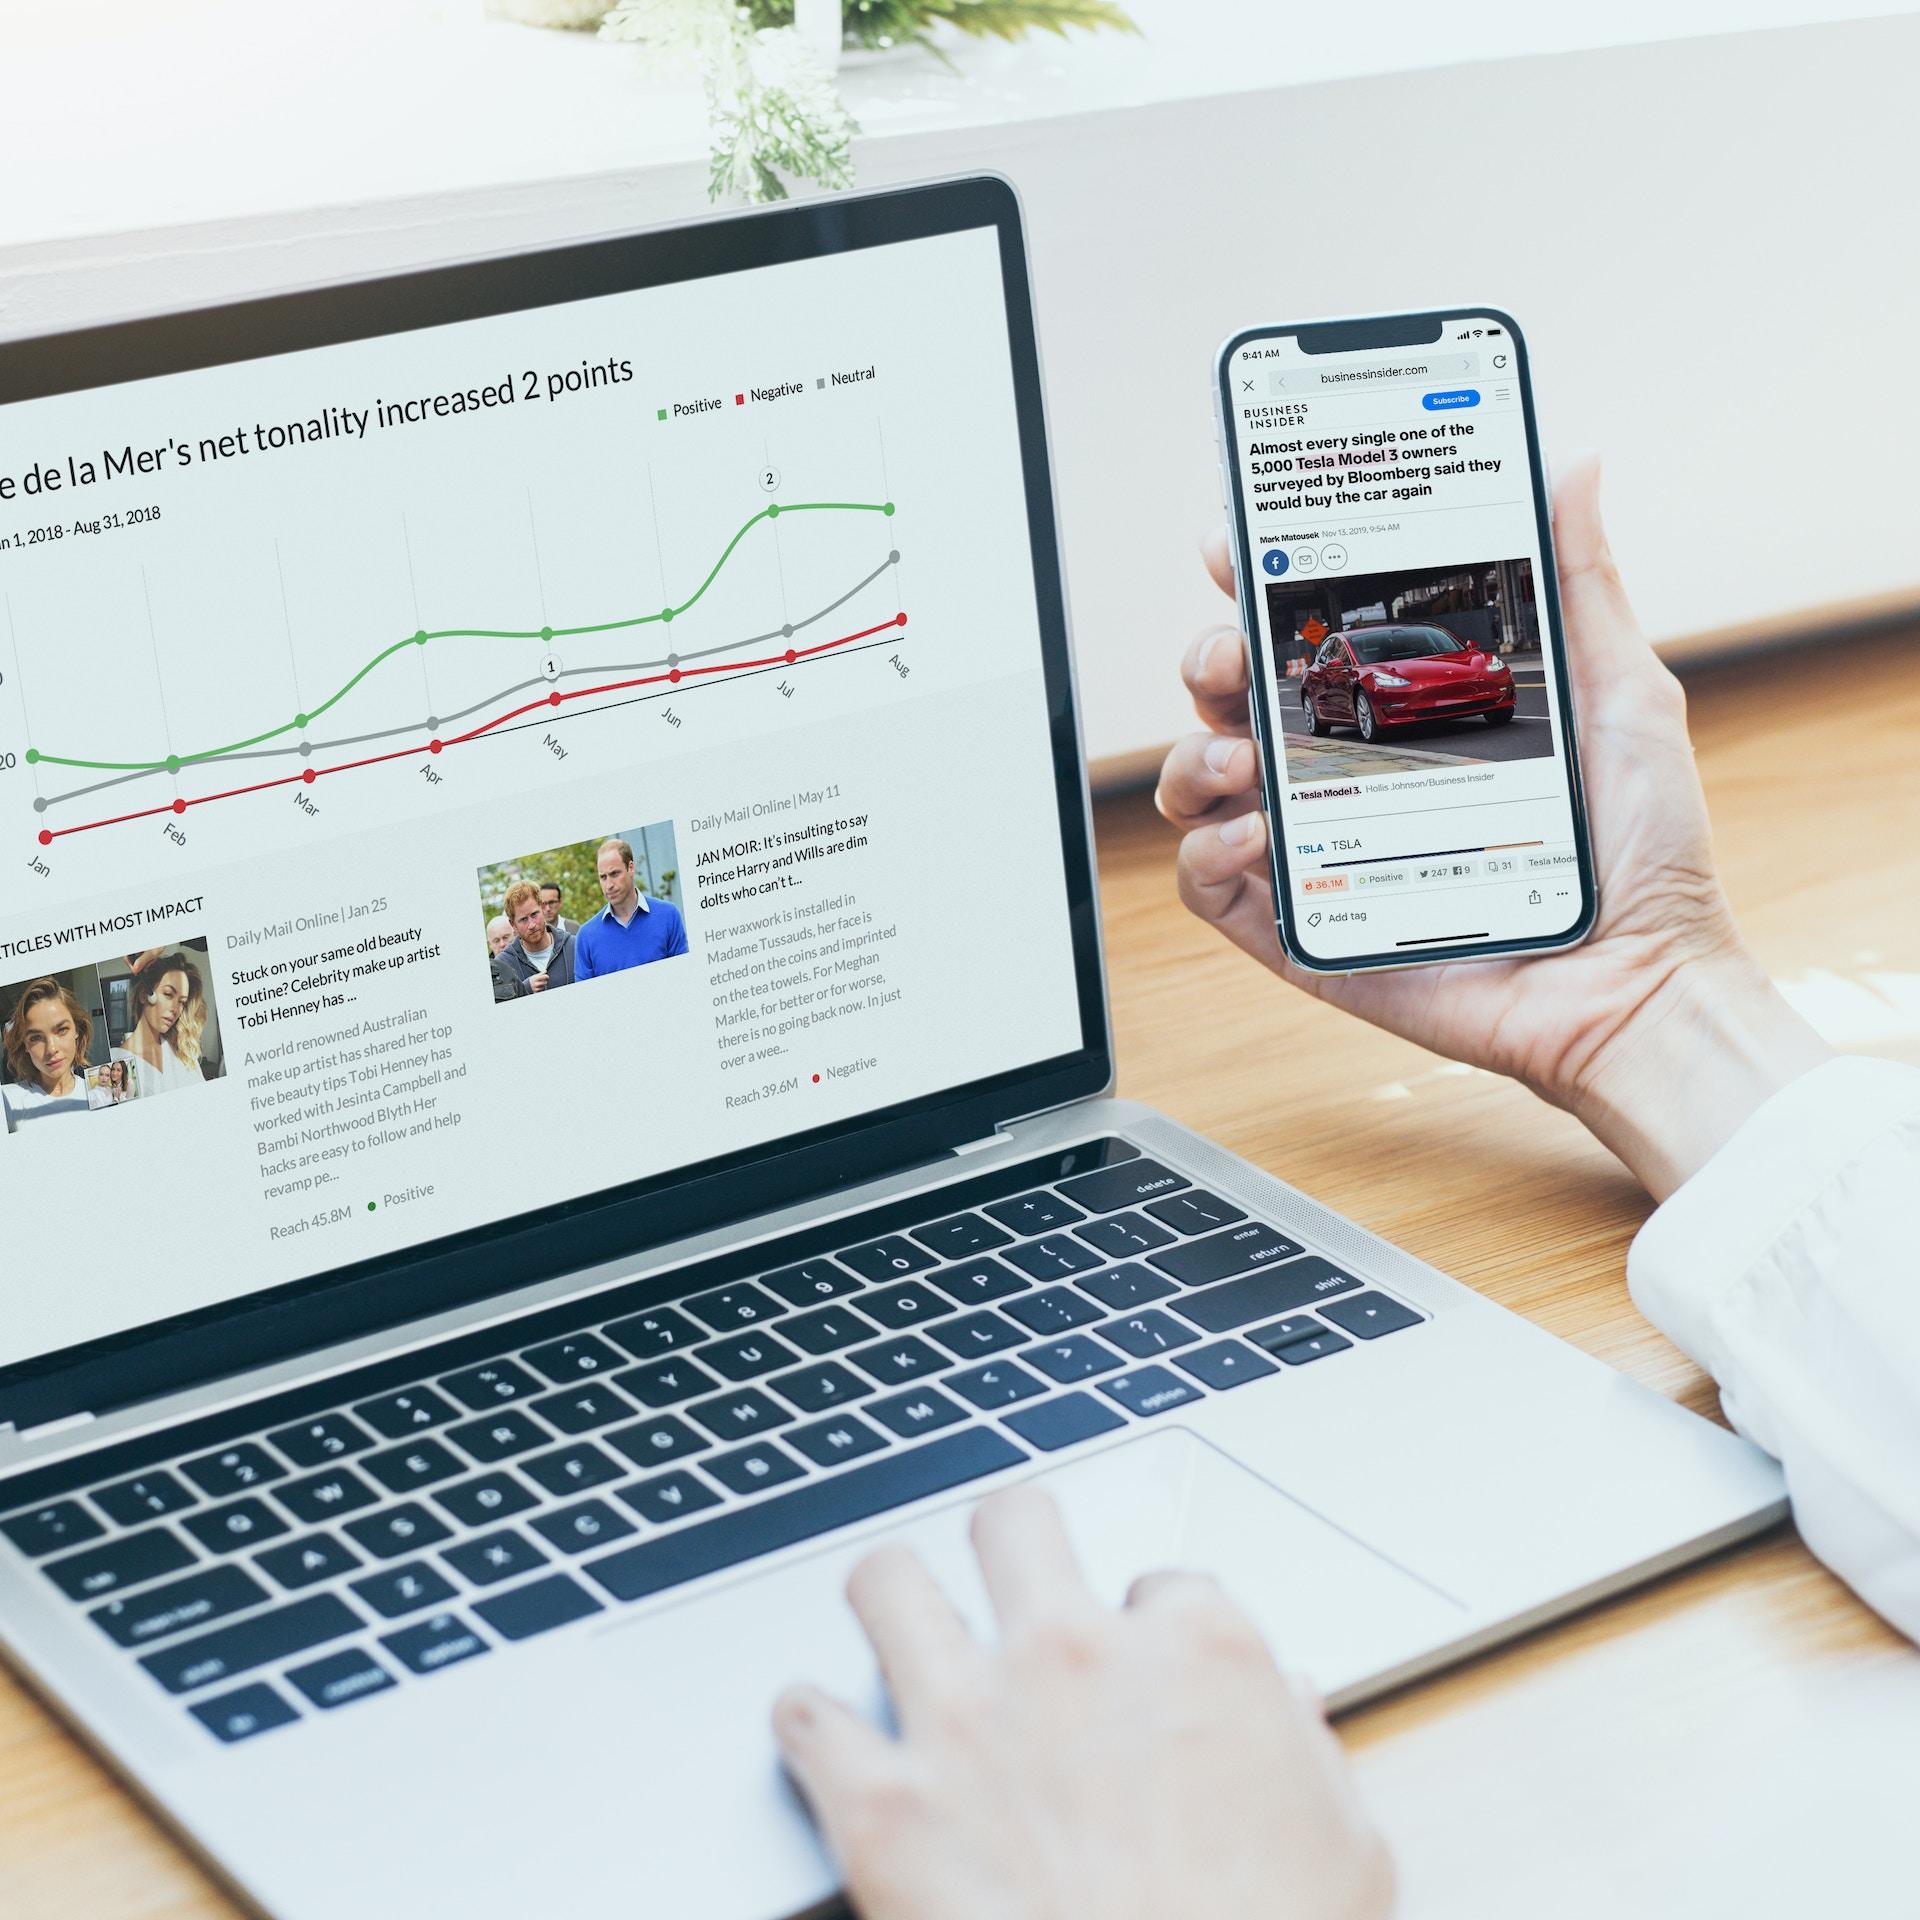 Mediaseuranta tietokoneella ja puhelimen näytöllä